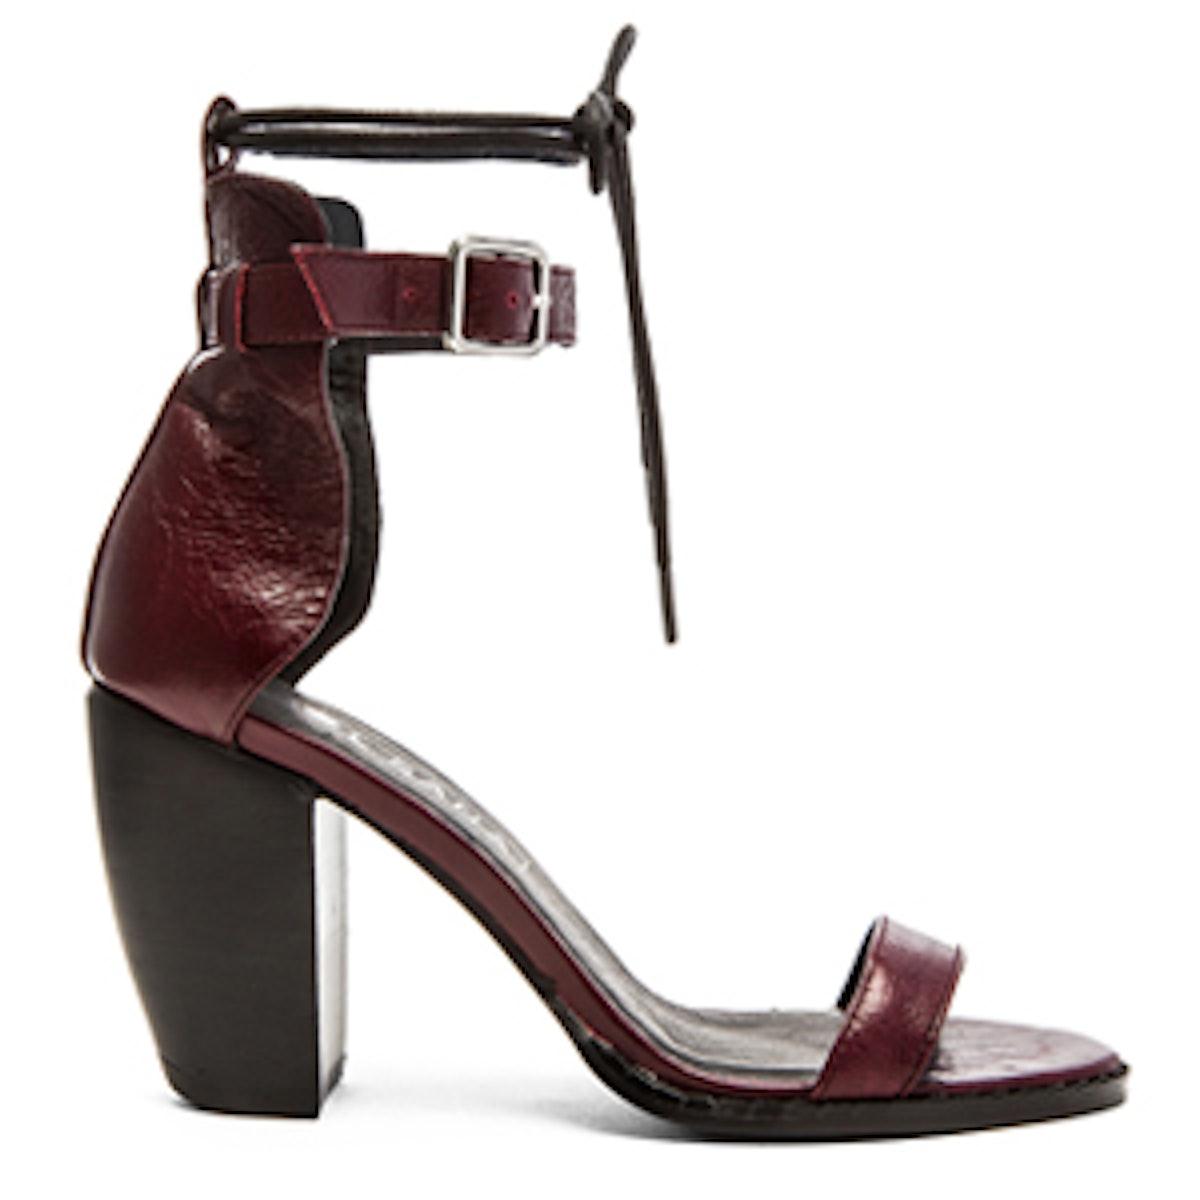 Tally 2 Heels